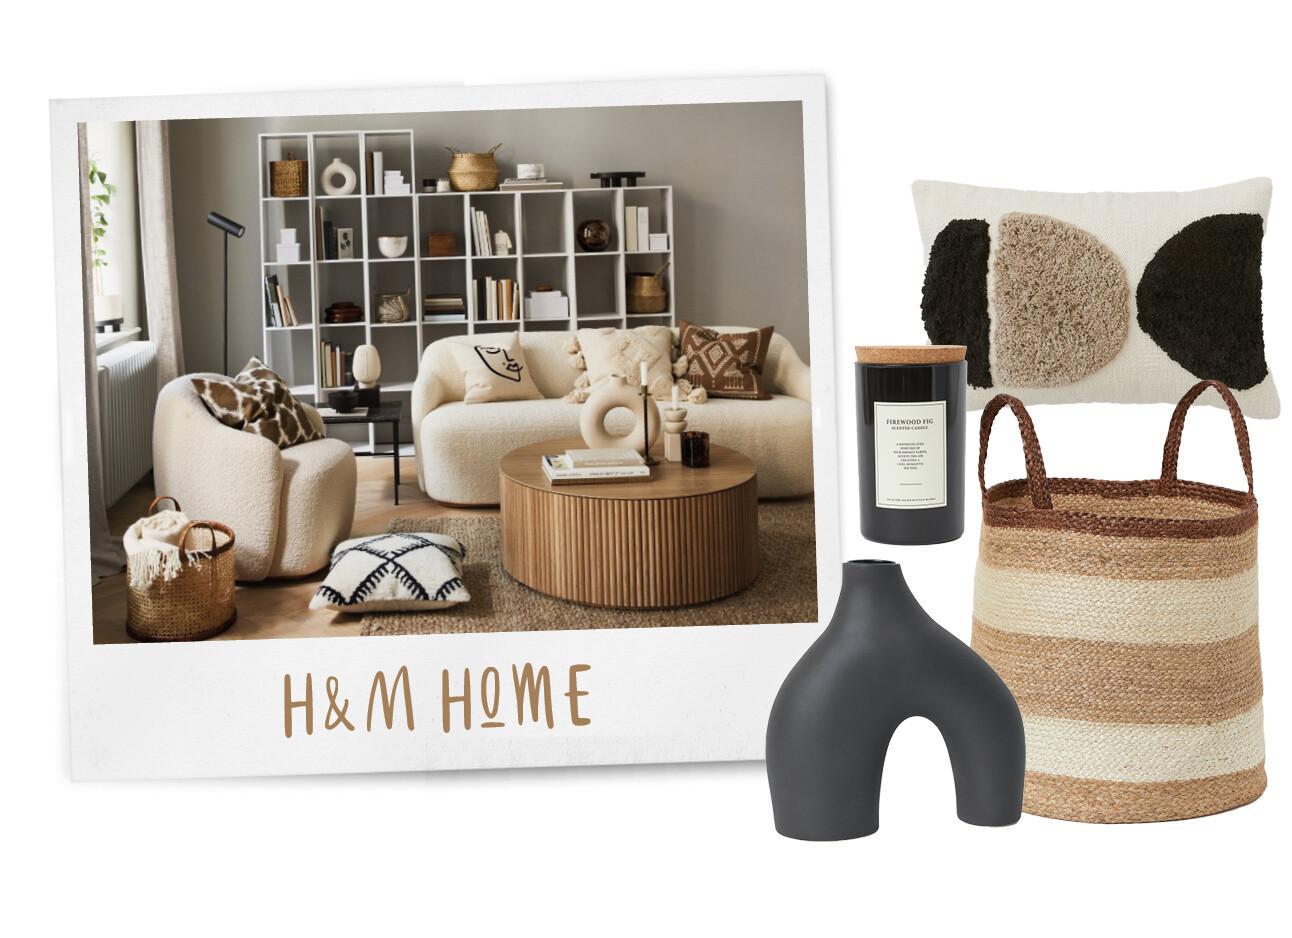 Alles wat we willen van H&M Home